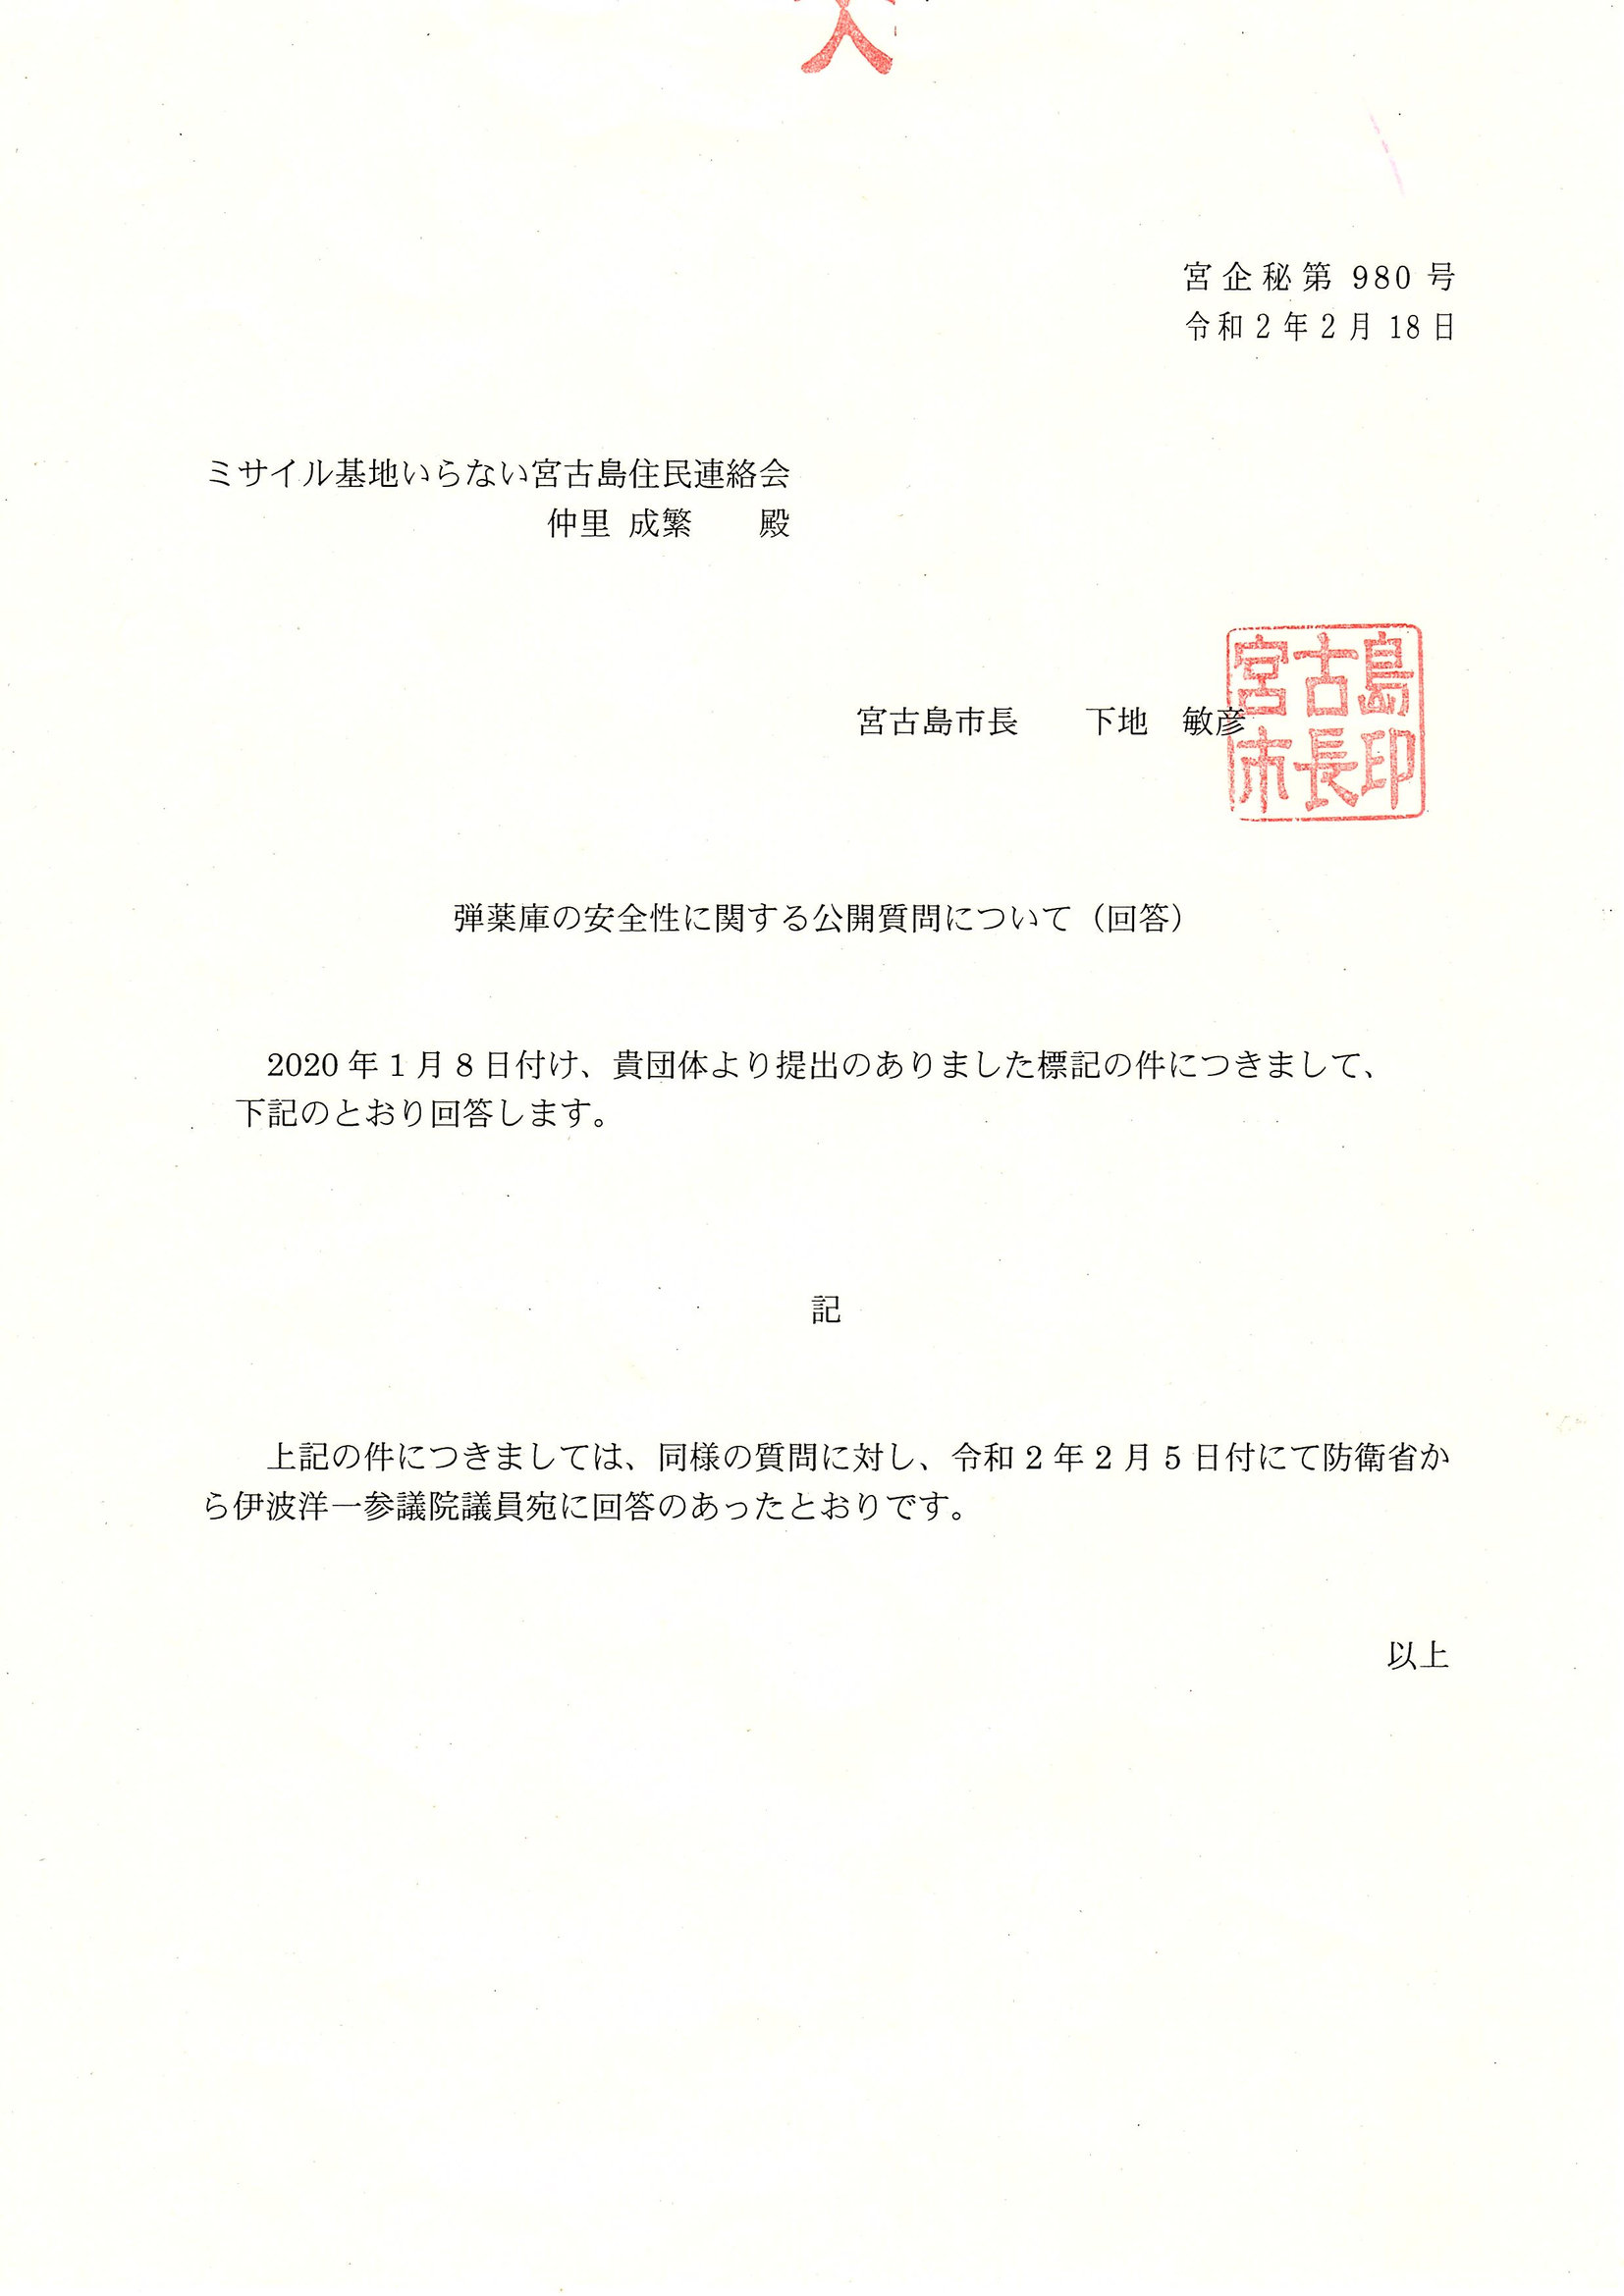 宮古島市回答表紙